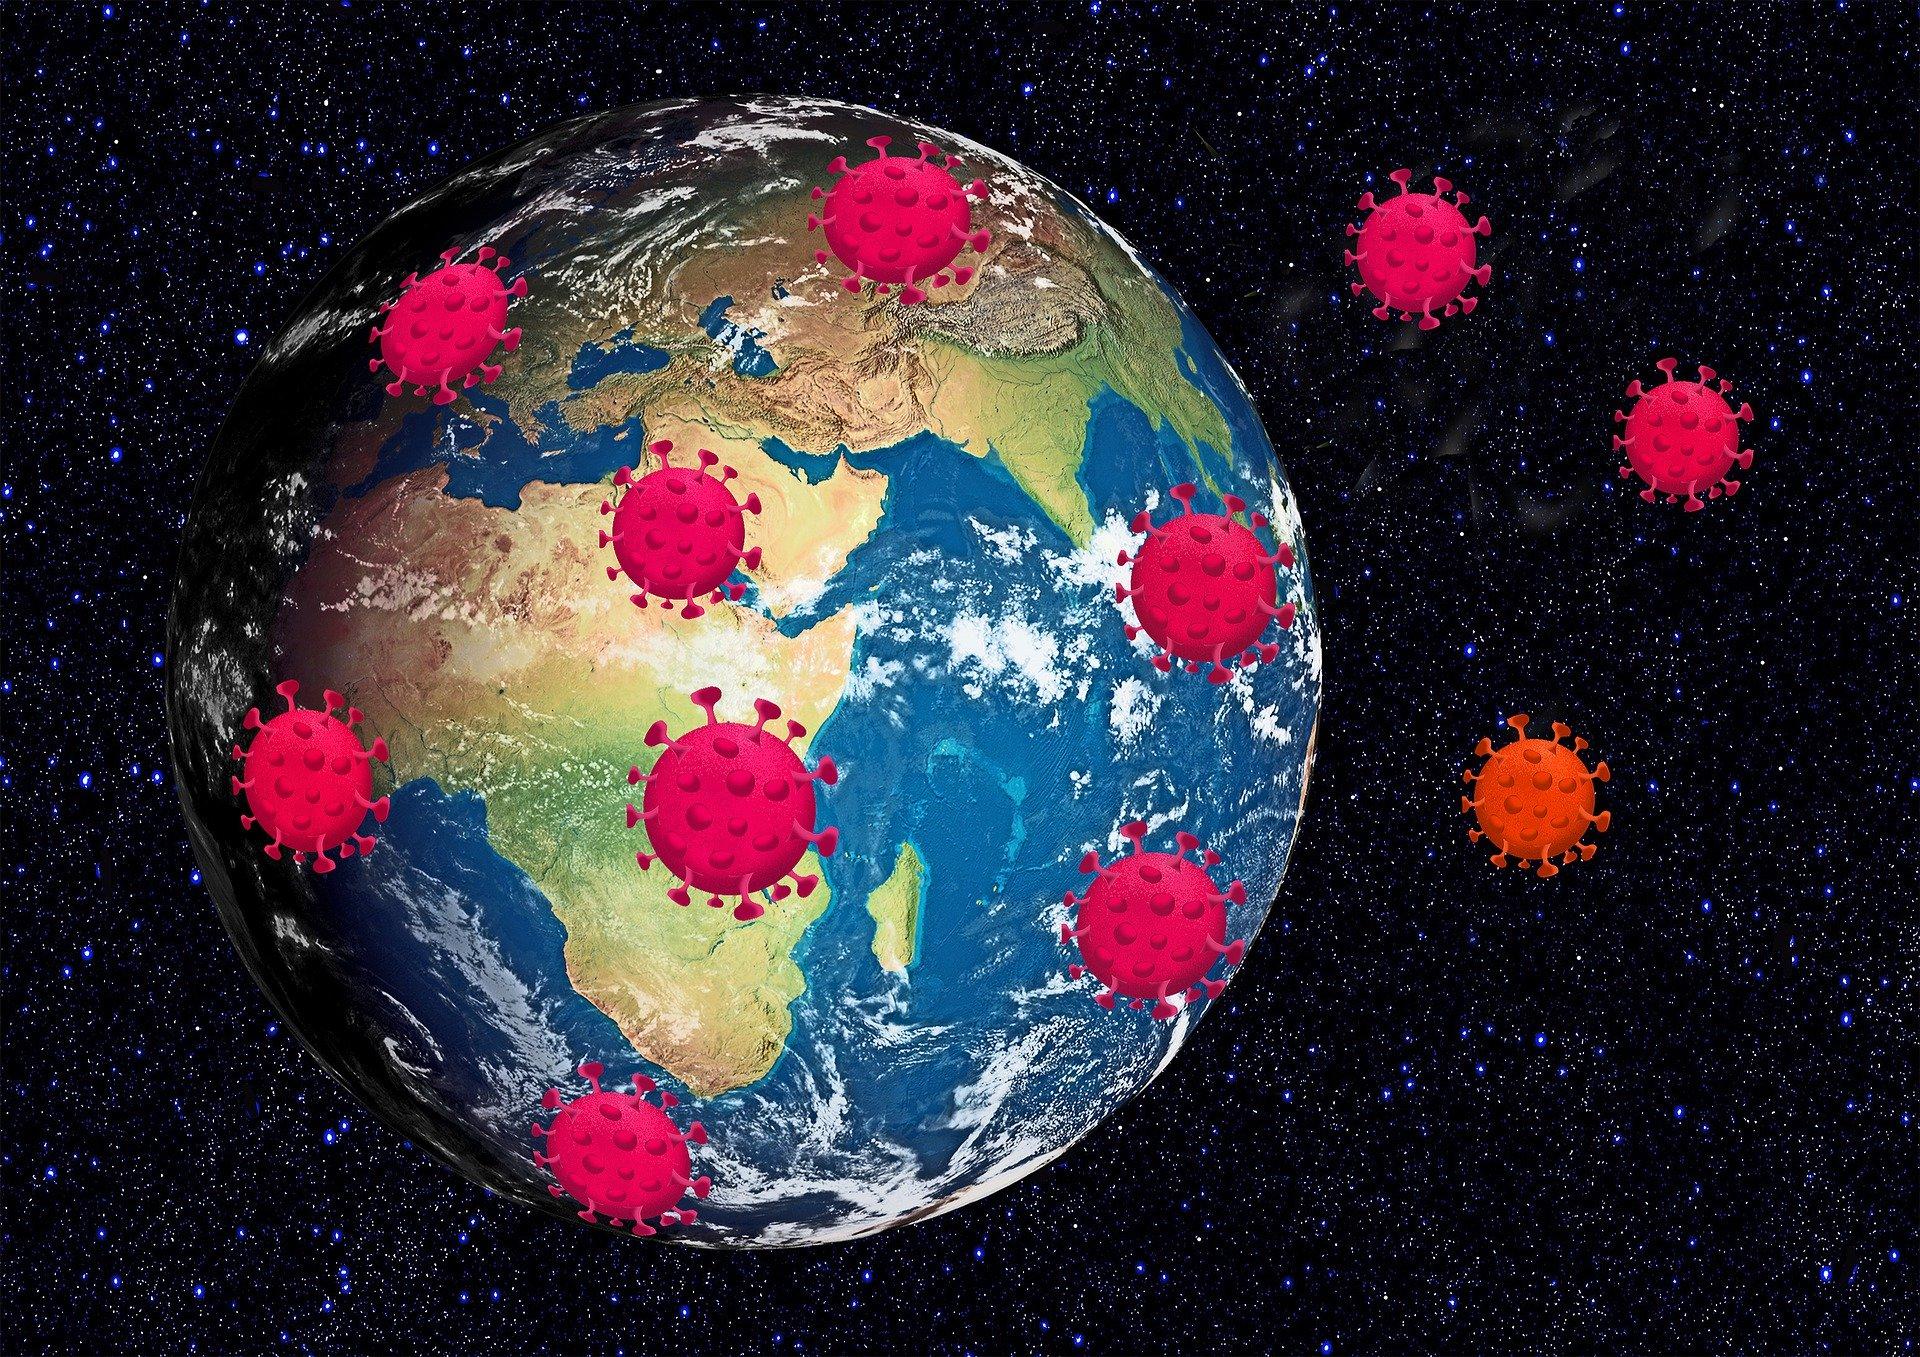 Coronavirus : près de 30 000 décès aux États-Unis, la France s'interroge sur le déconfinement, le point sur la pandémie